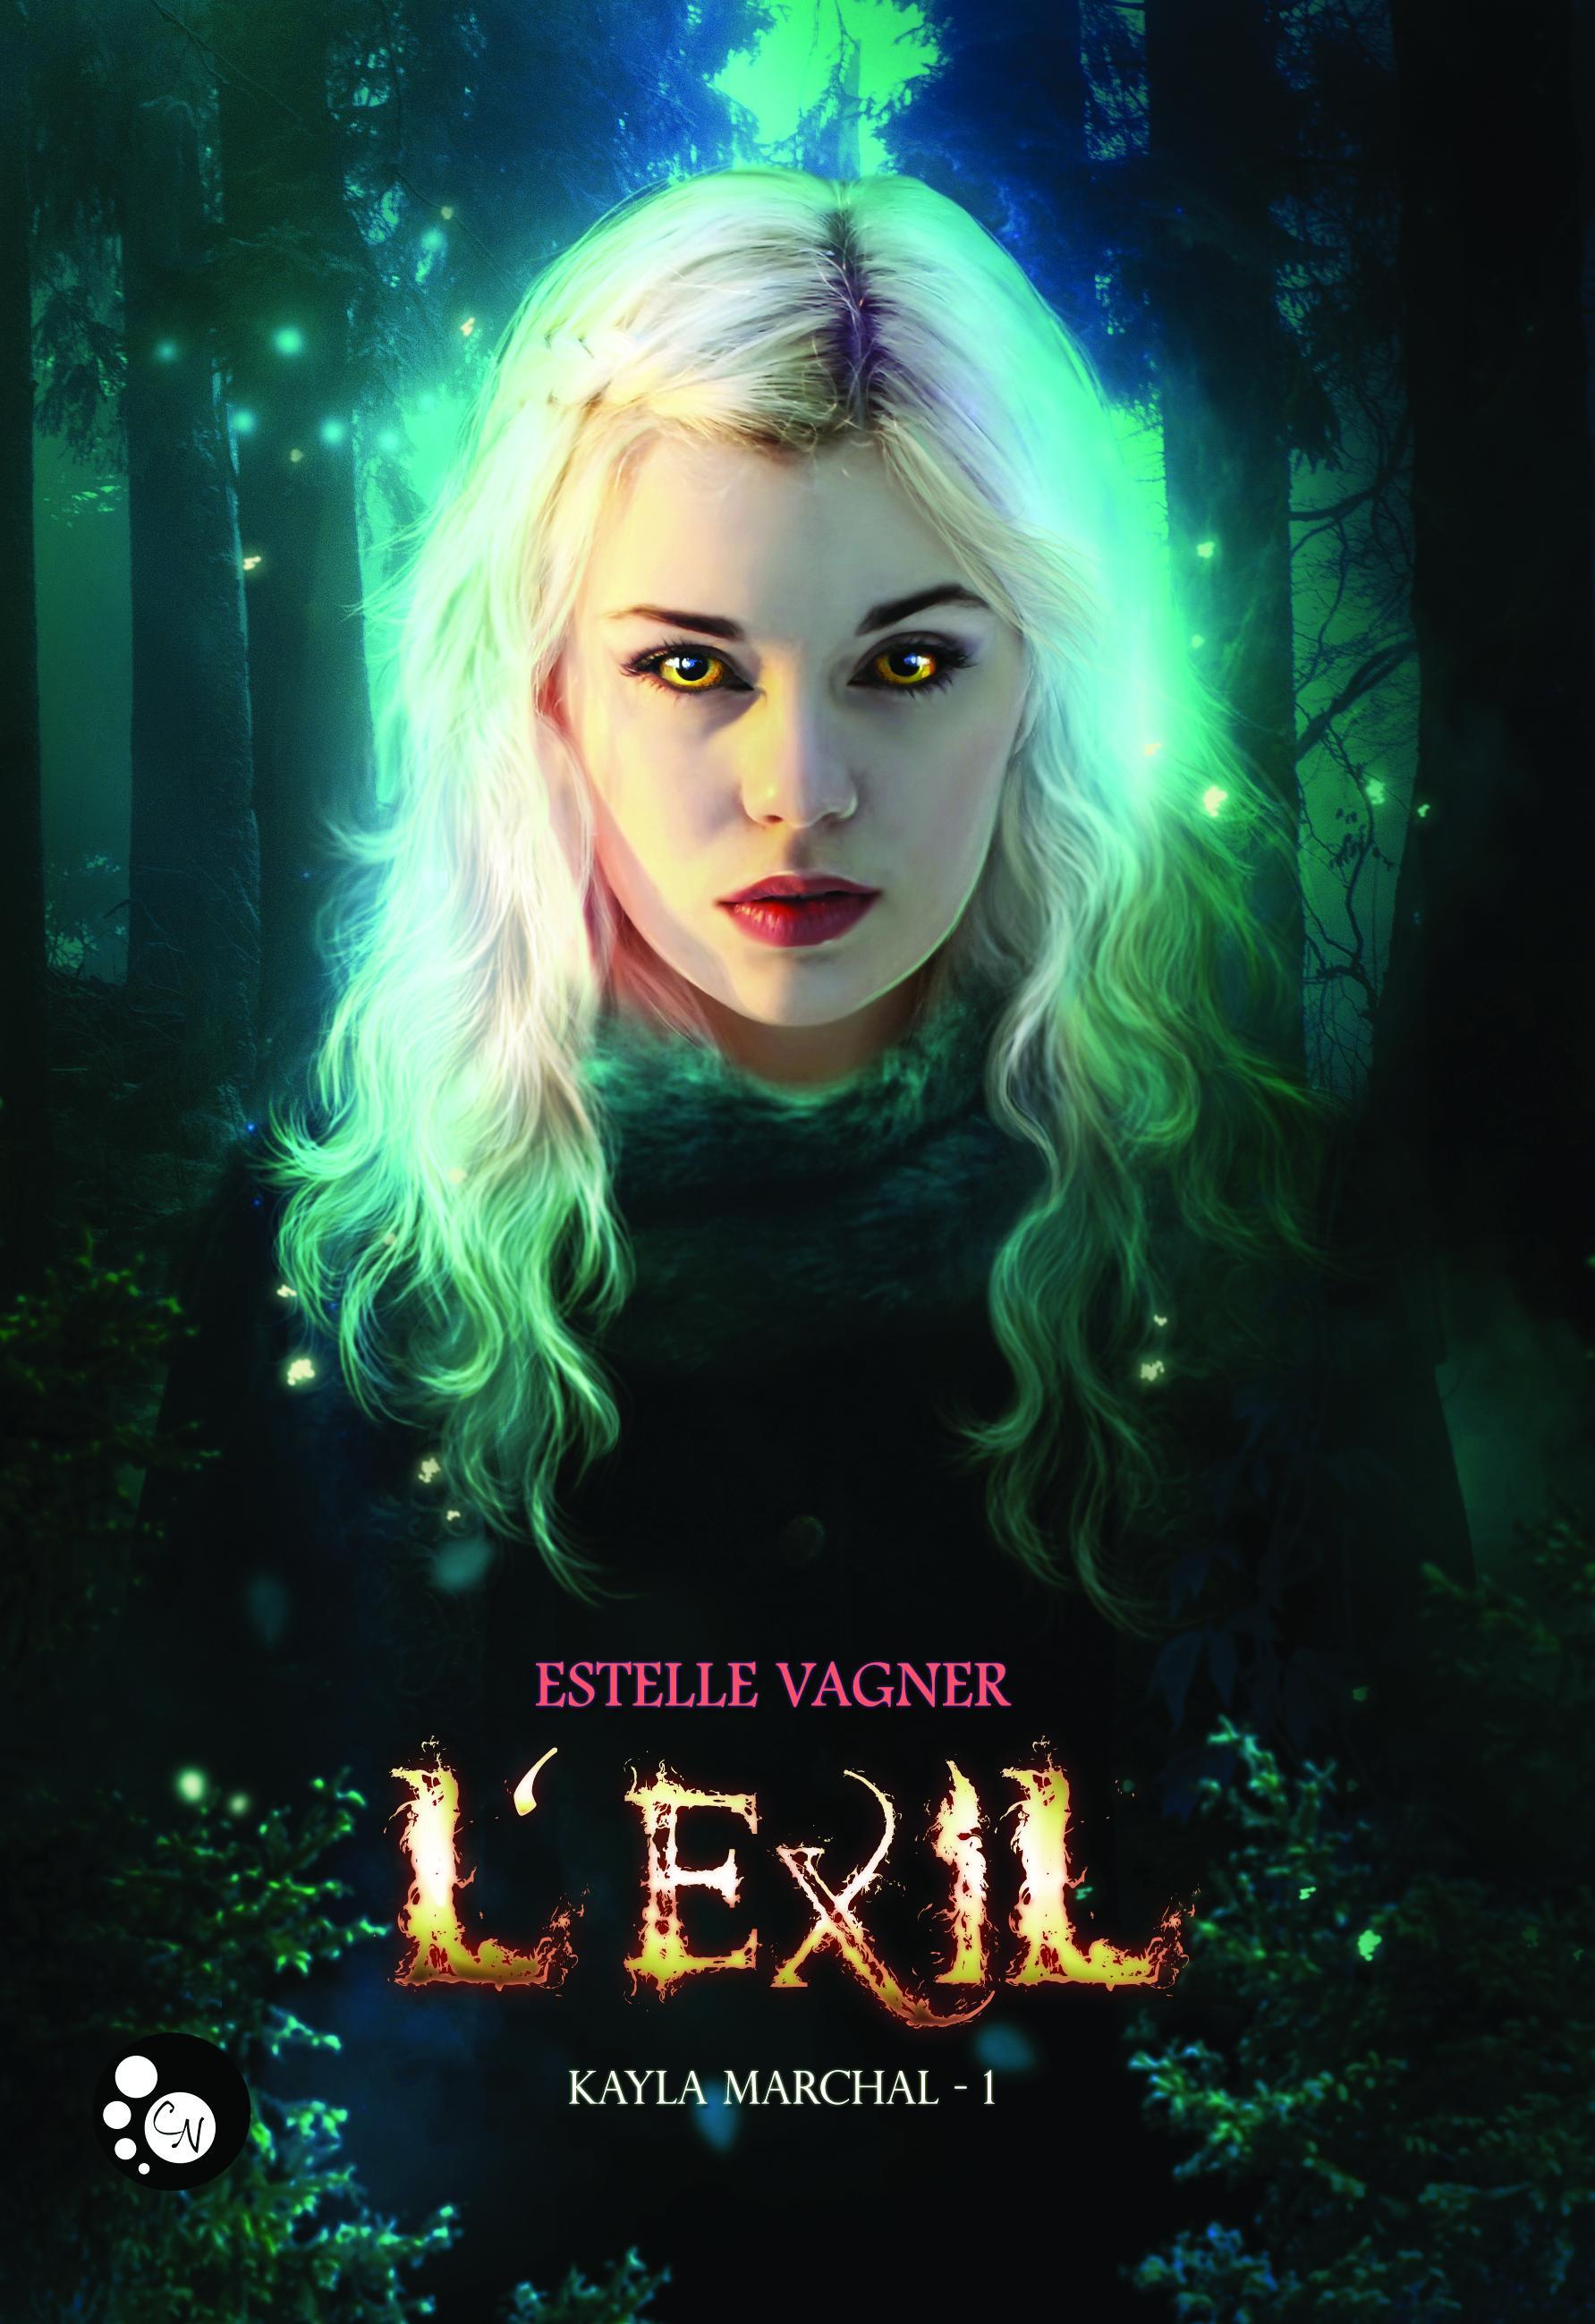 Kayla Marchal, 1, L'EXIL